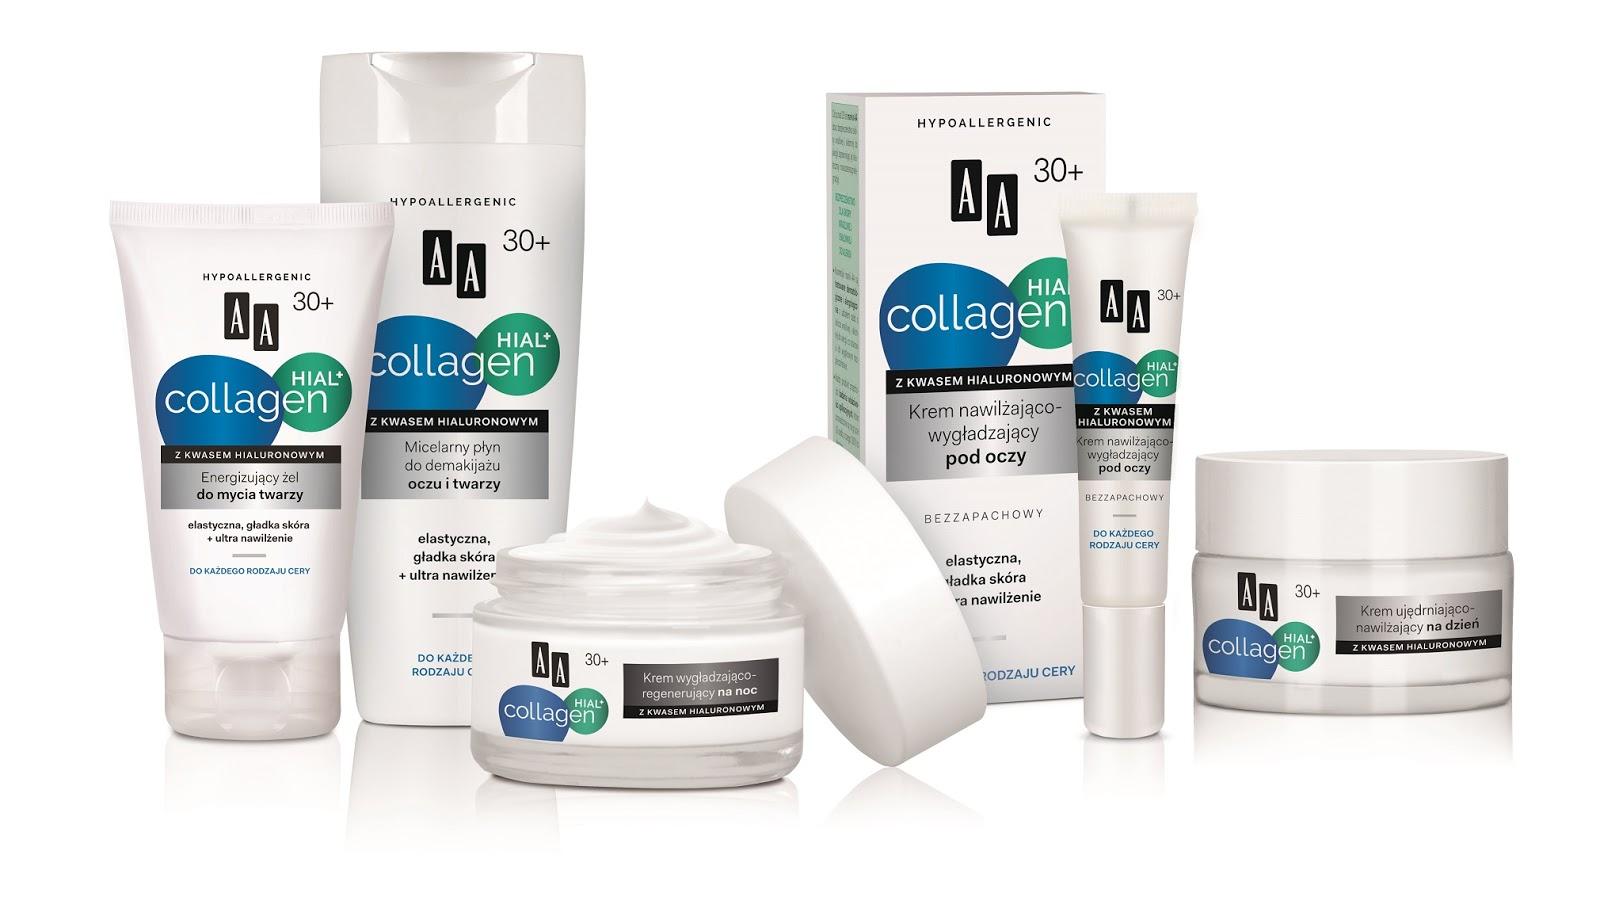 AA Hypoallergenic 30+ Collagen Hial +